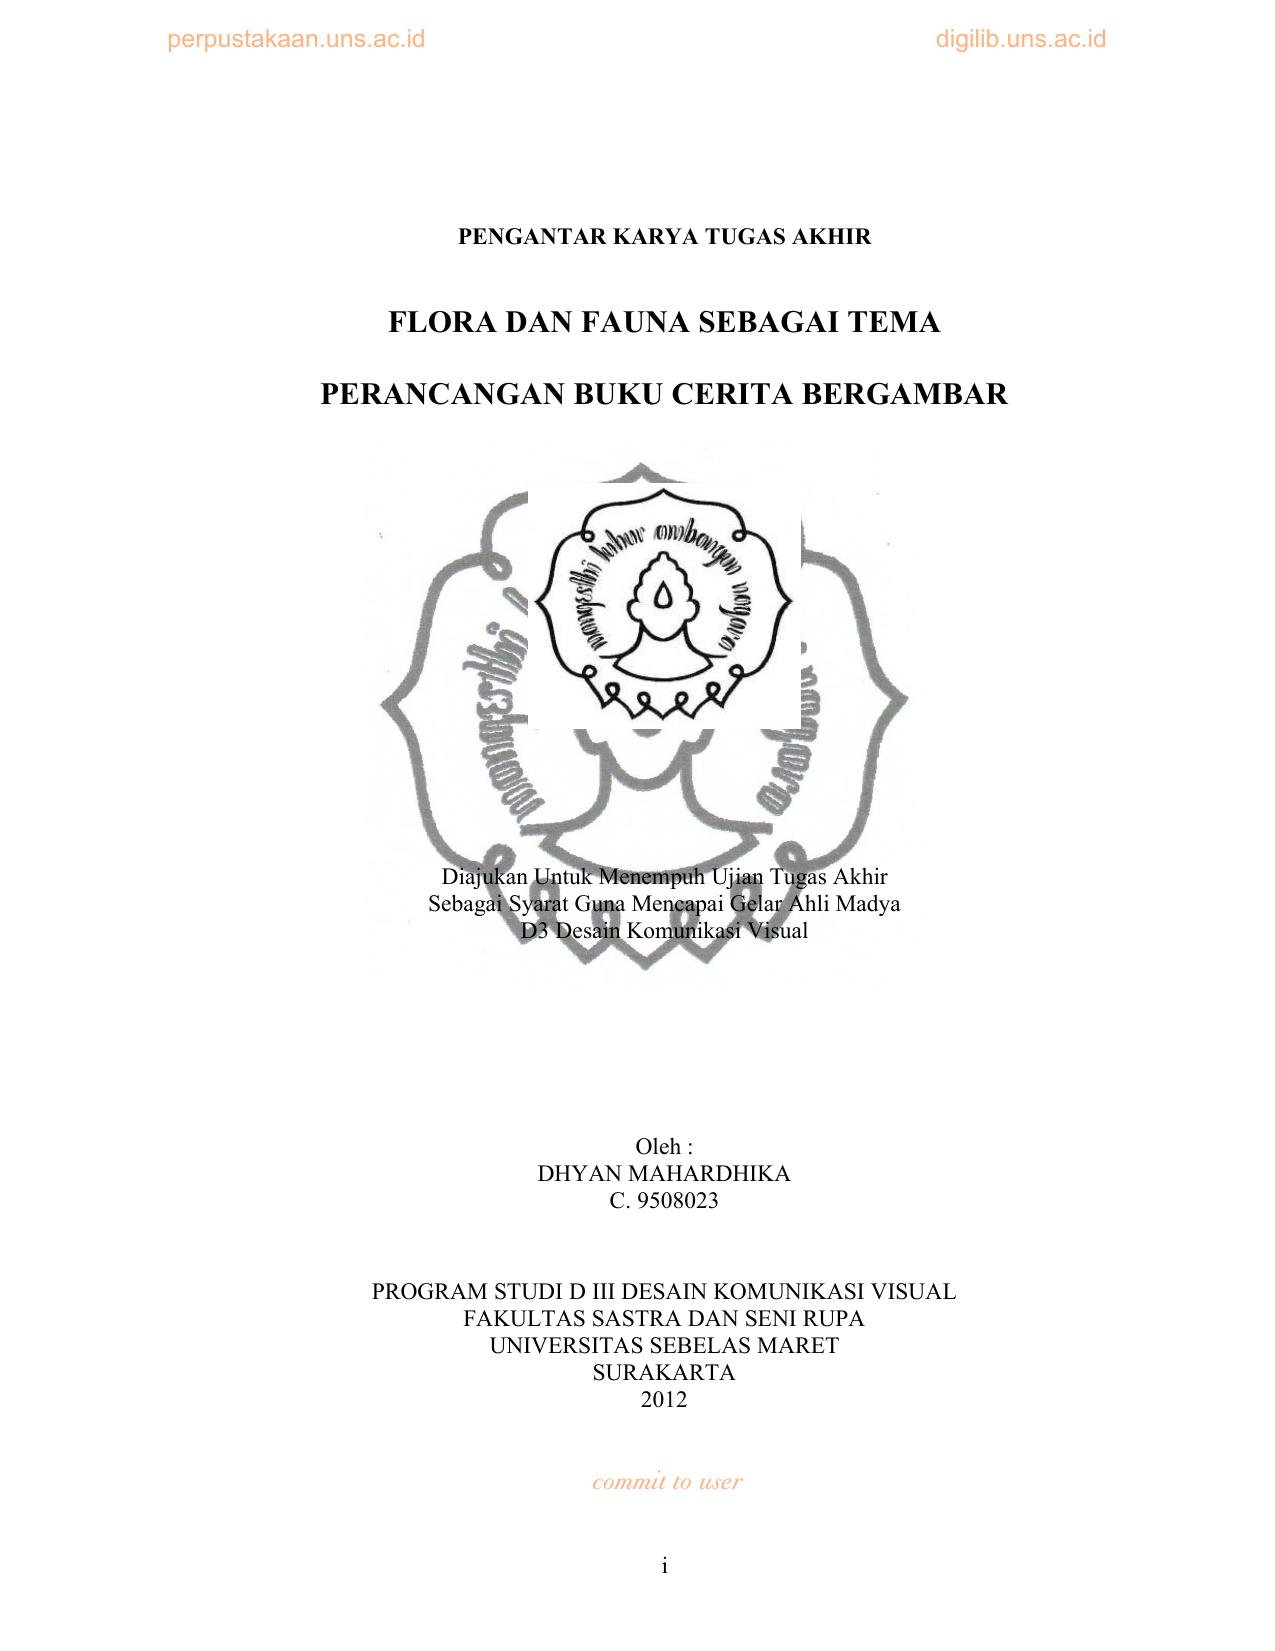 Flora Dan Fauna Sebagai Tema Perancangan Buku Cerita Bergambar